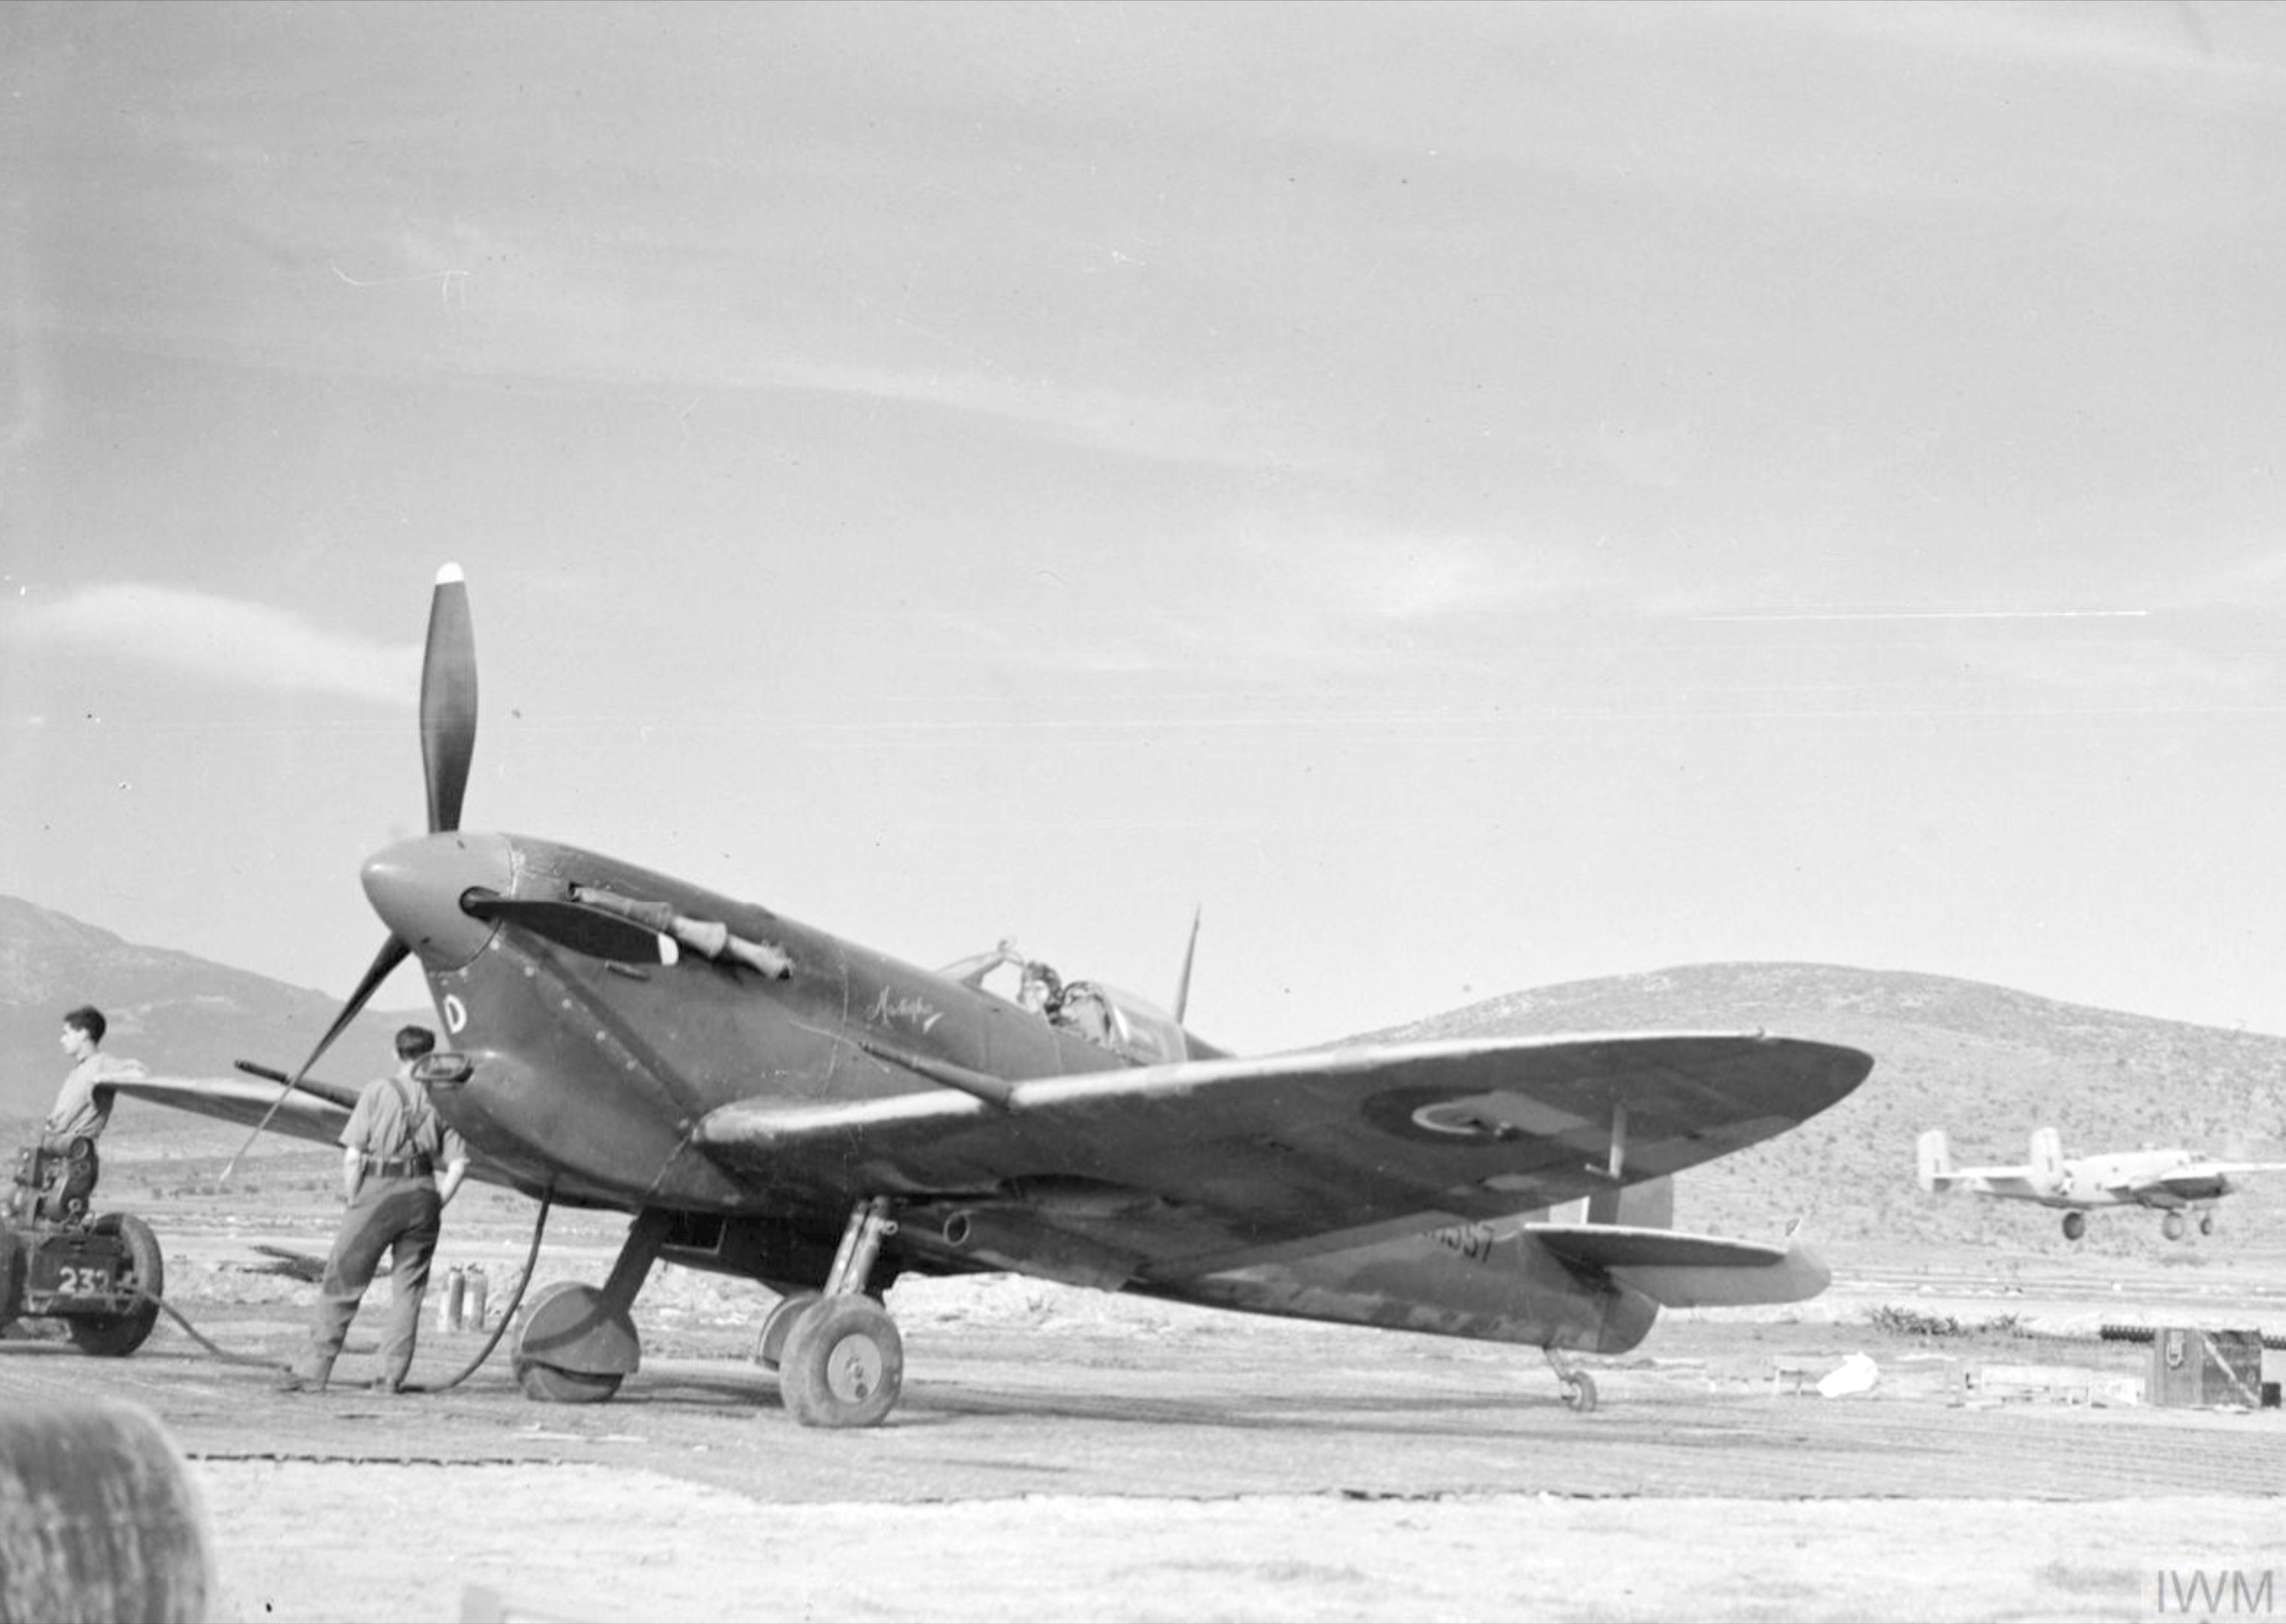 Spitfire MKVbTrop RAF 232Sqn EFD Mustapha ER557 in its dispersal at Tingley Algeria IWM CNA286